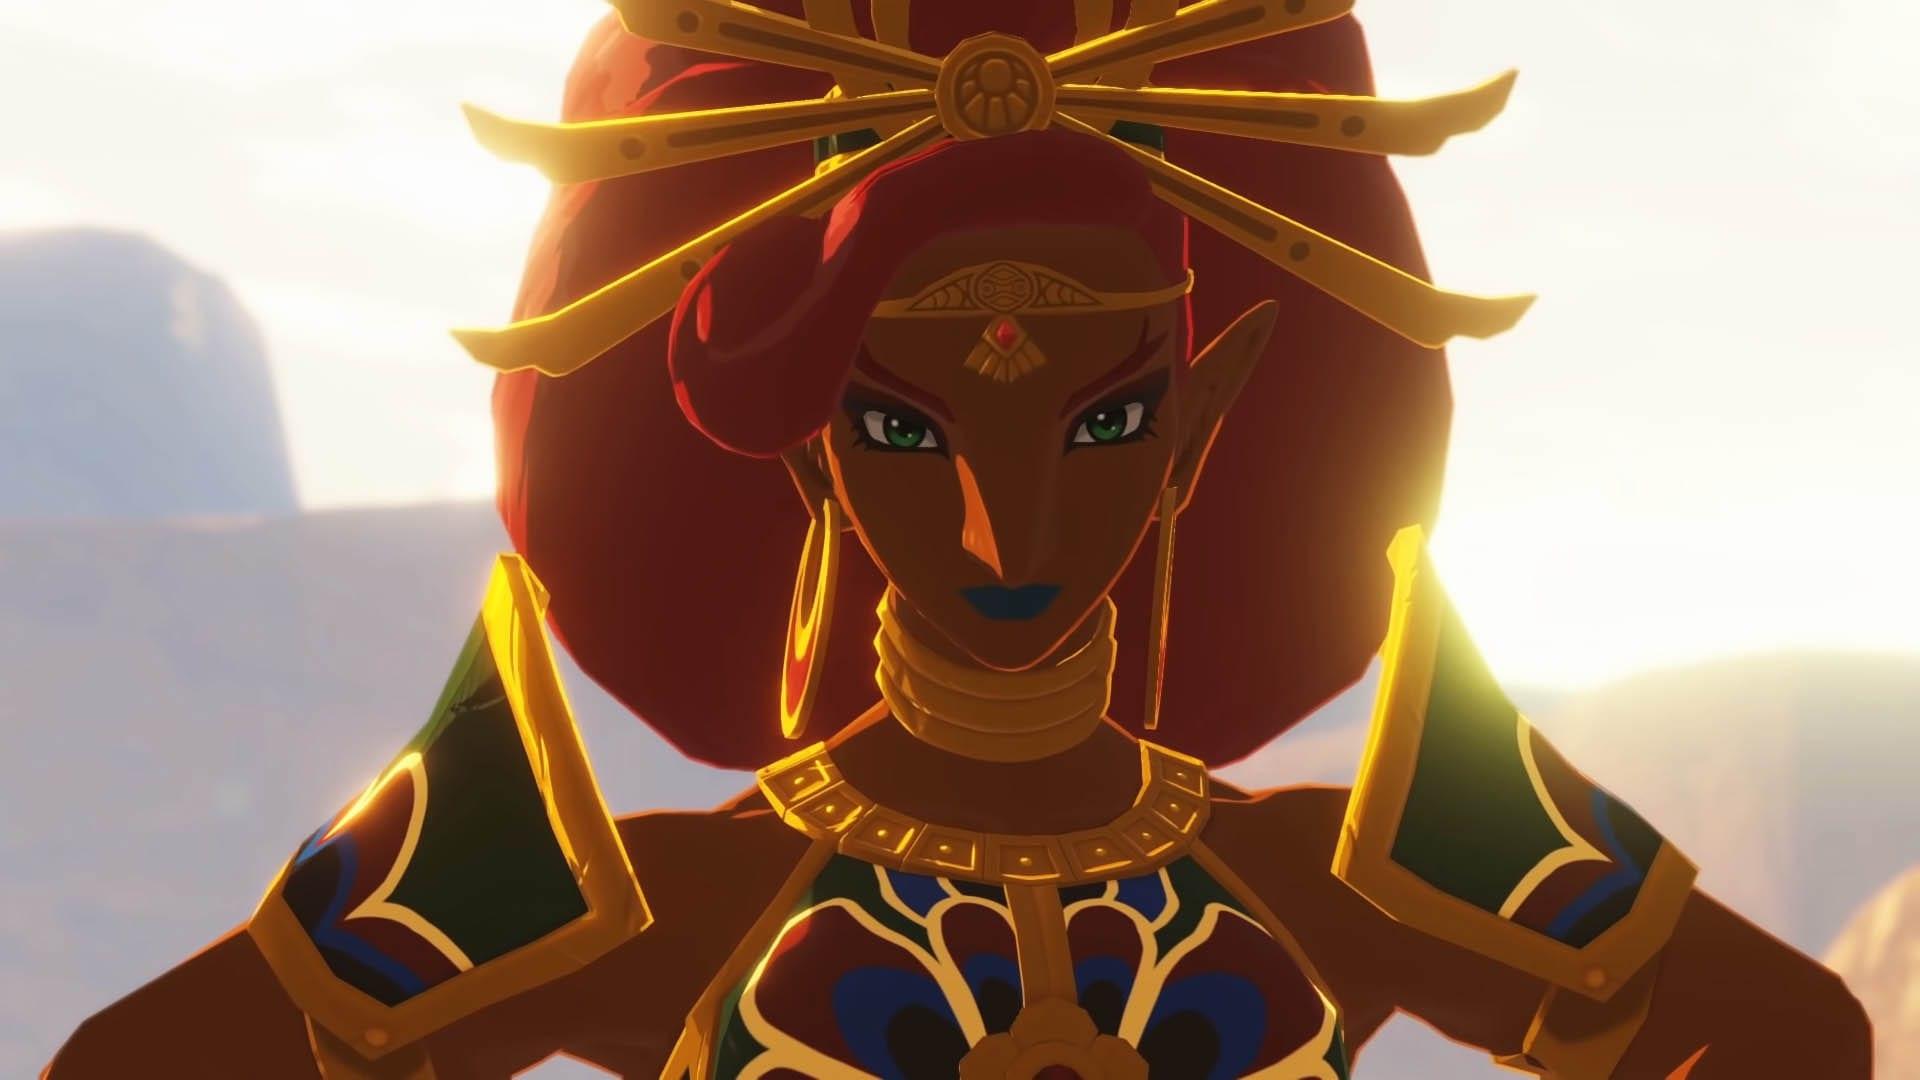 Gerudo-Königin Urbosa in Zeit der Verheerung